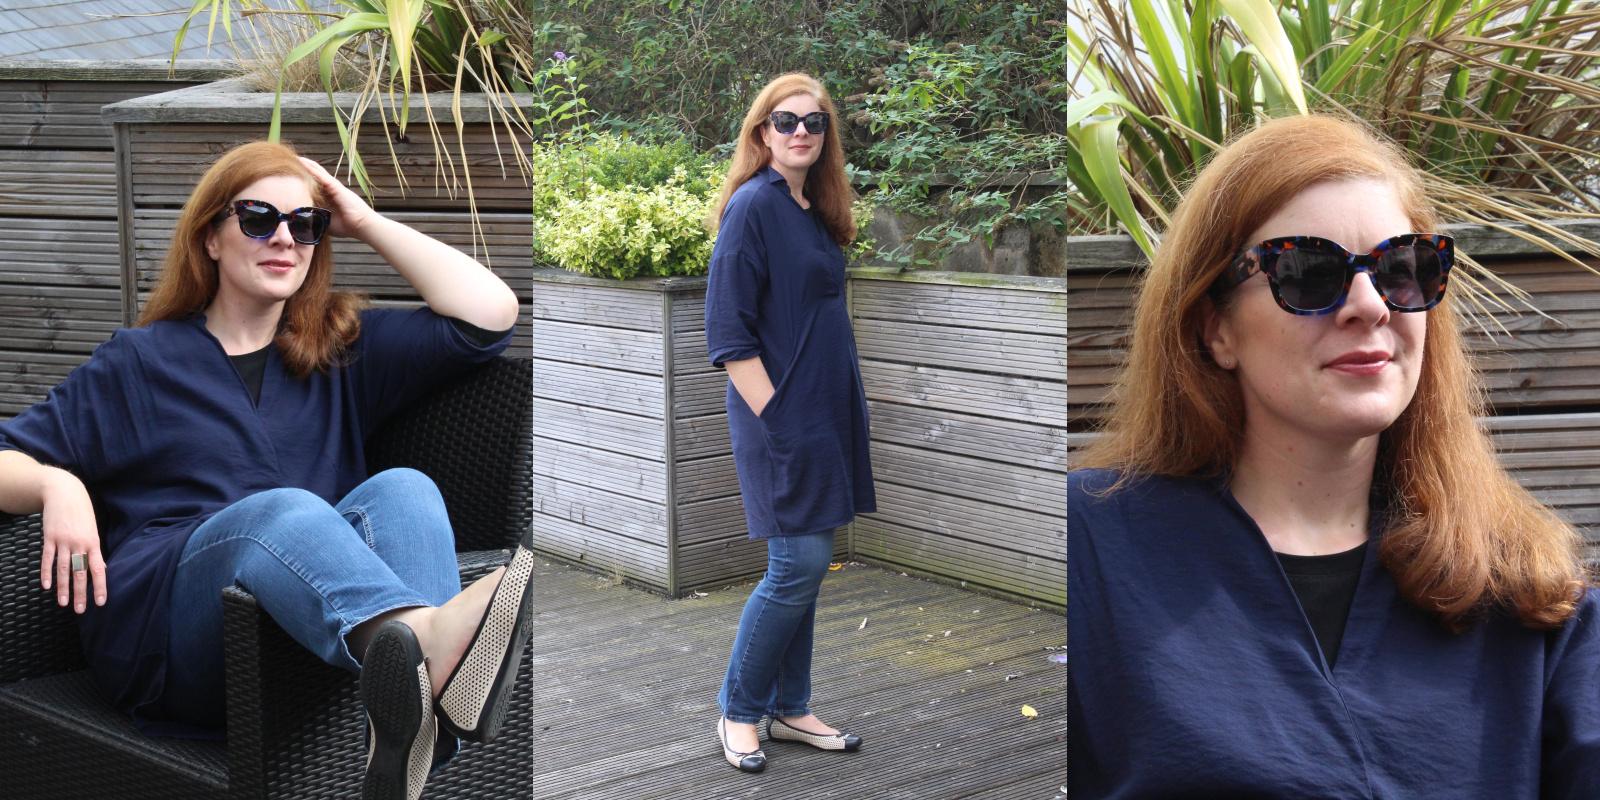 Bluse Jeans Sonnenbrille Sommerende Fashionblog IKNMLO